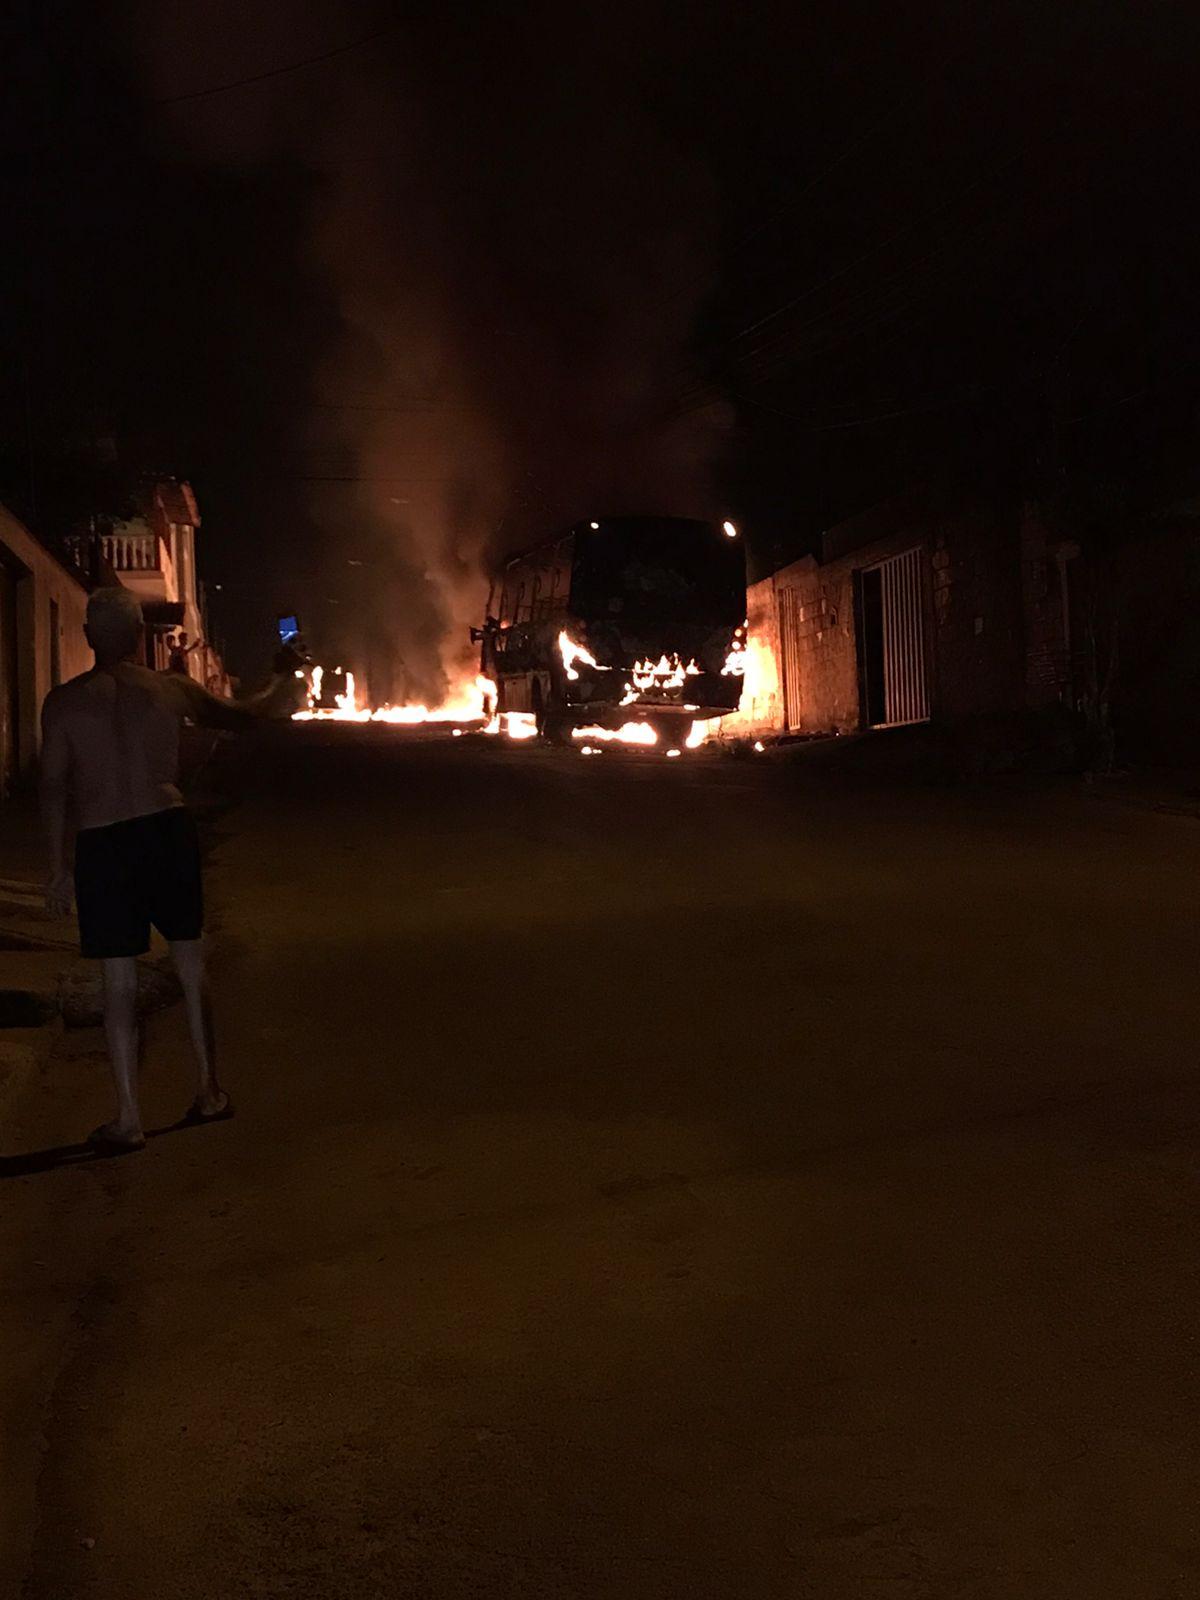 Dois ônibus são incendiados na mesma rua em Sete Lagoas - Foto: Reprodução/Redes Sociais